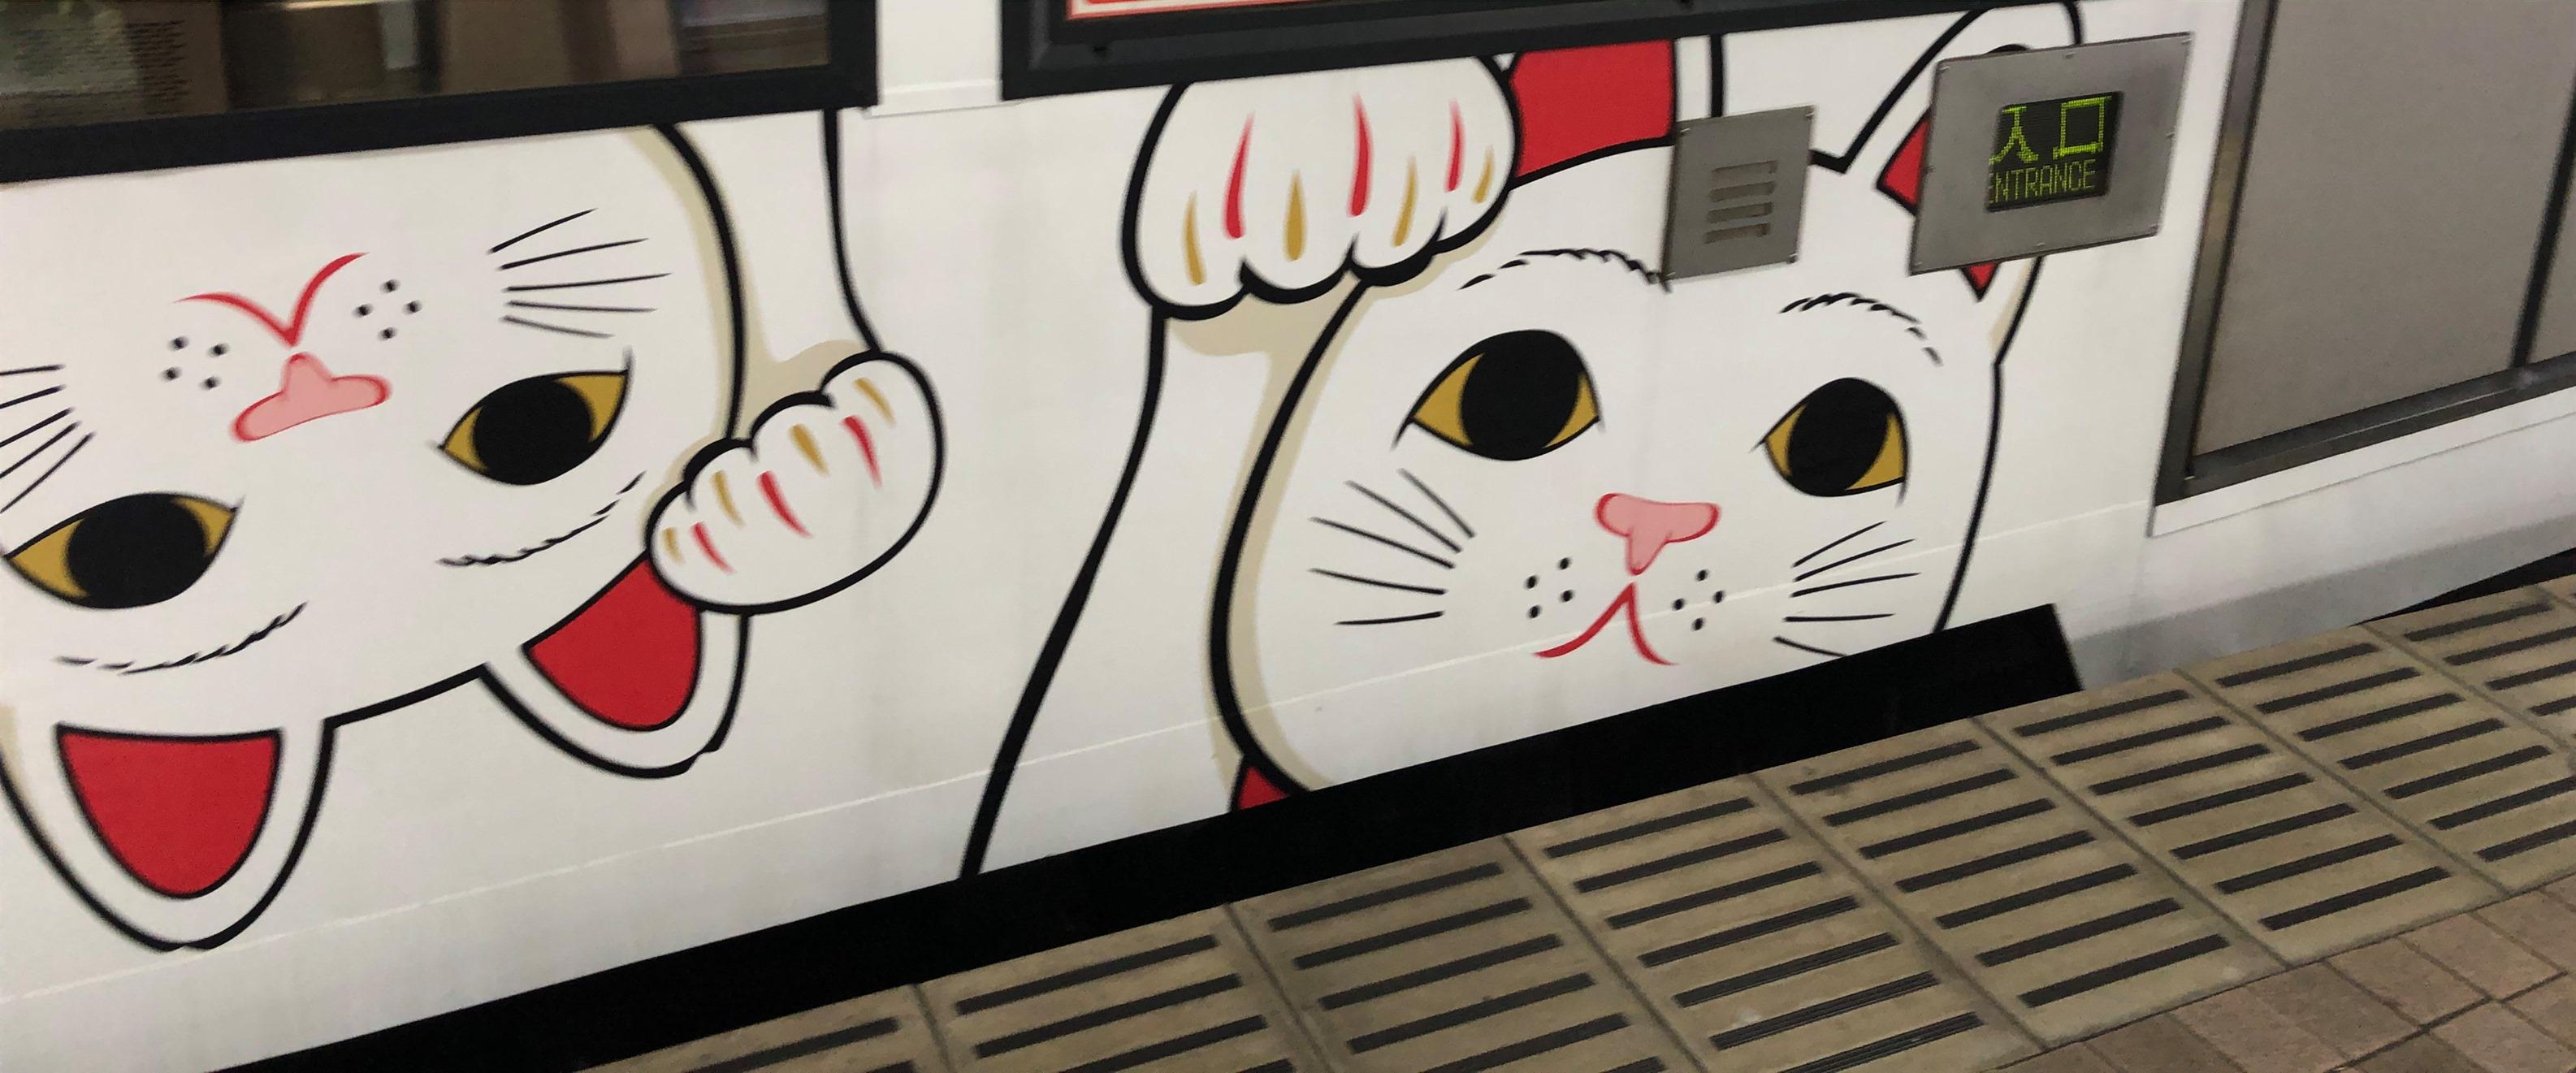 東急世田谷線の招き猫ラッピング車両に出会いました。